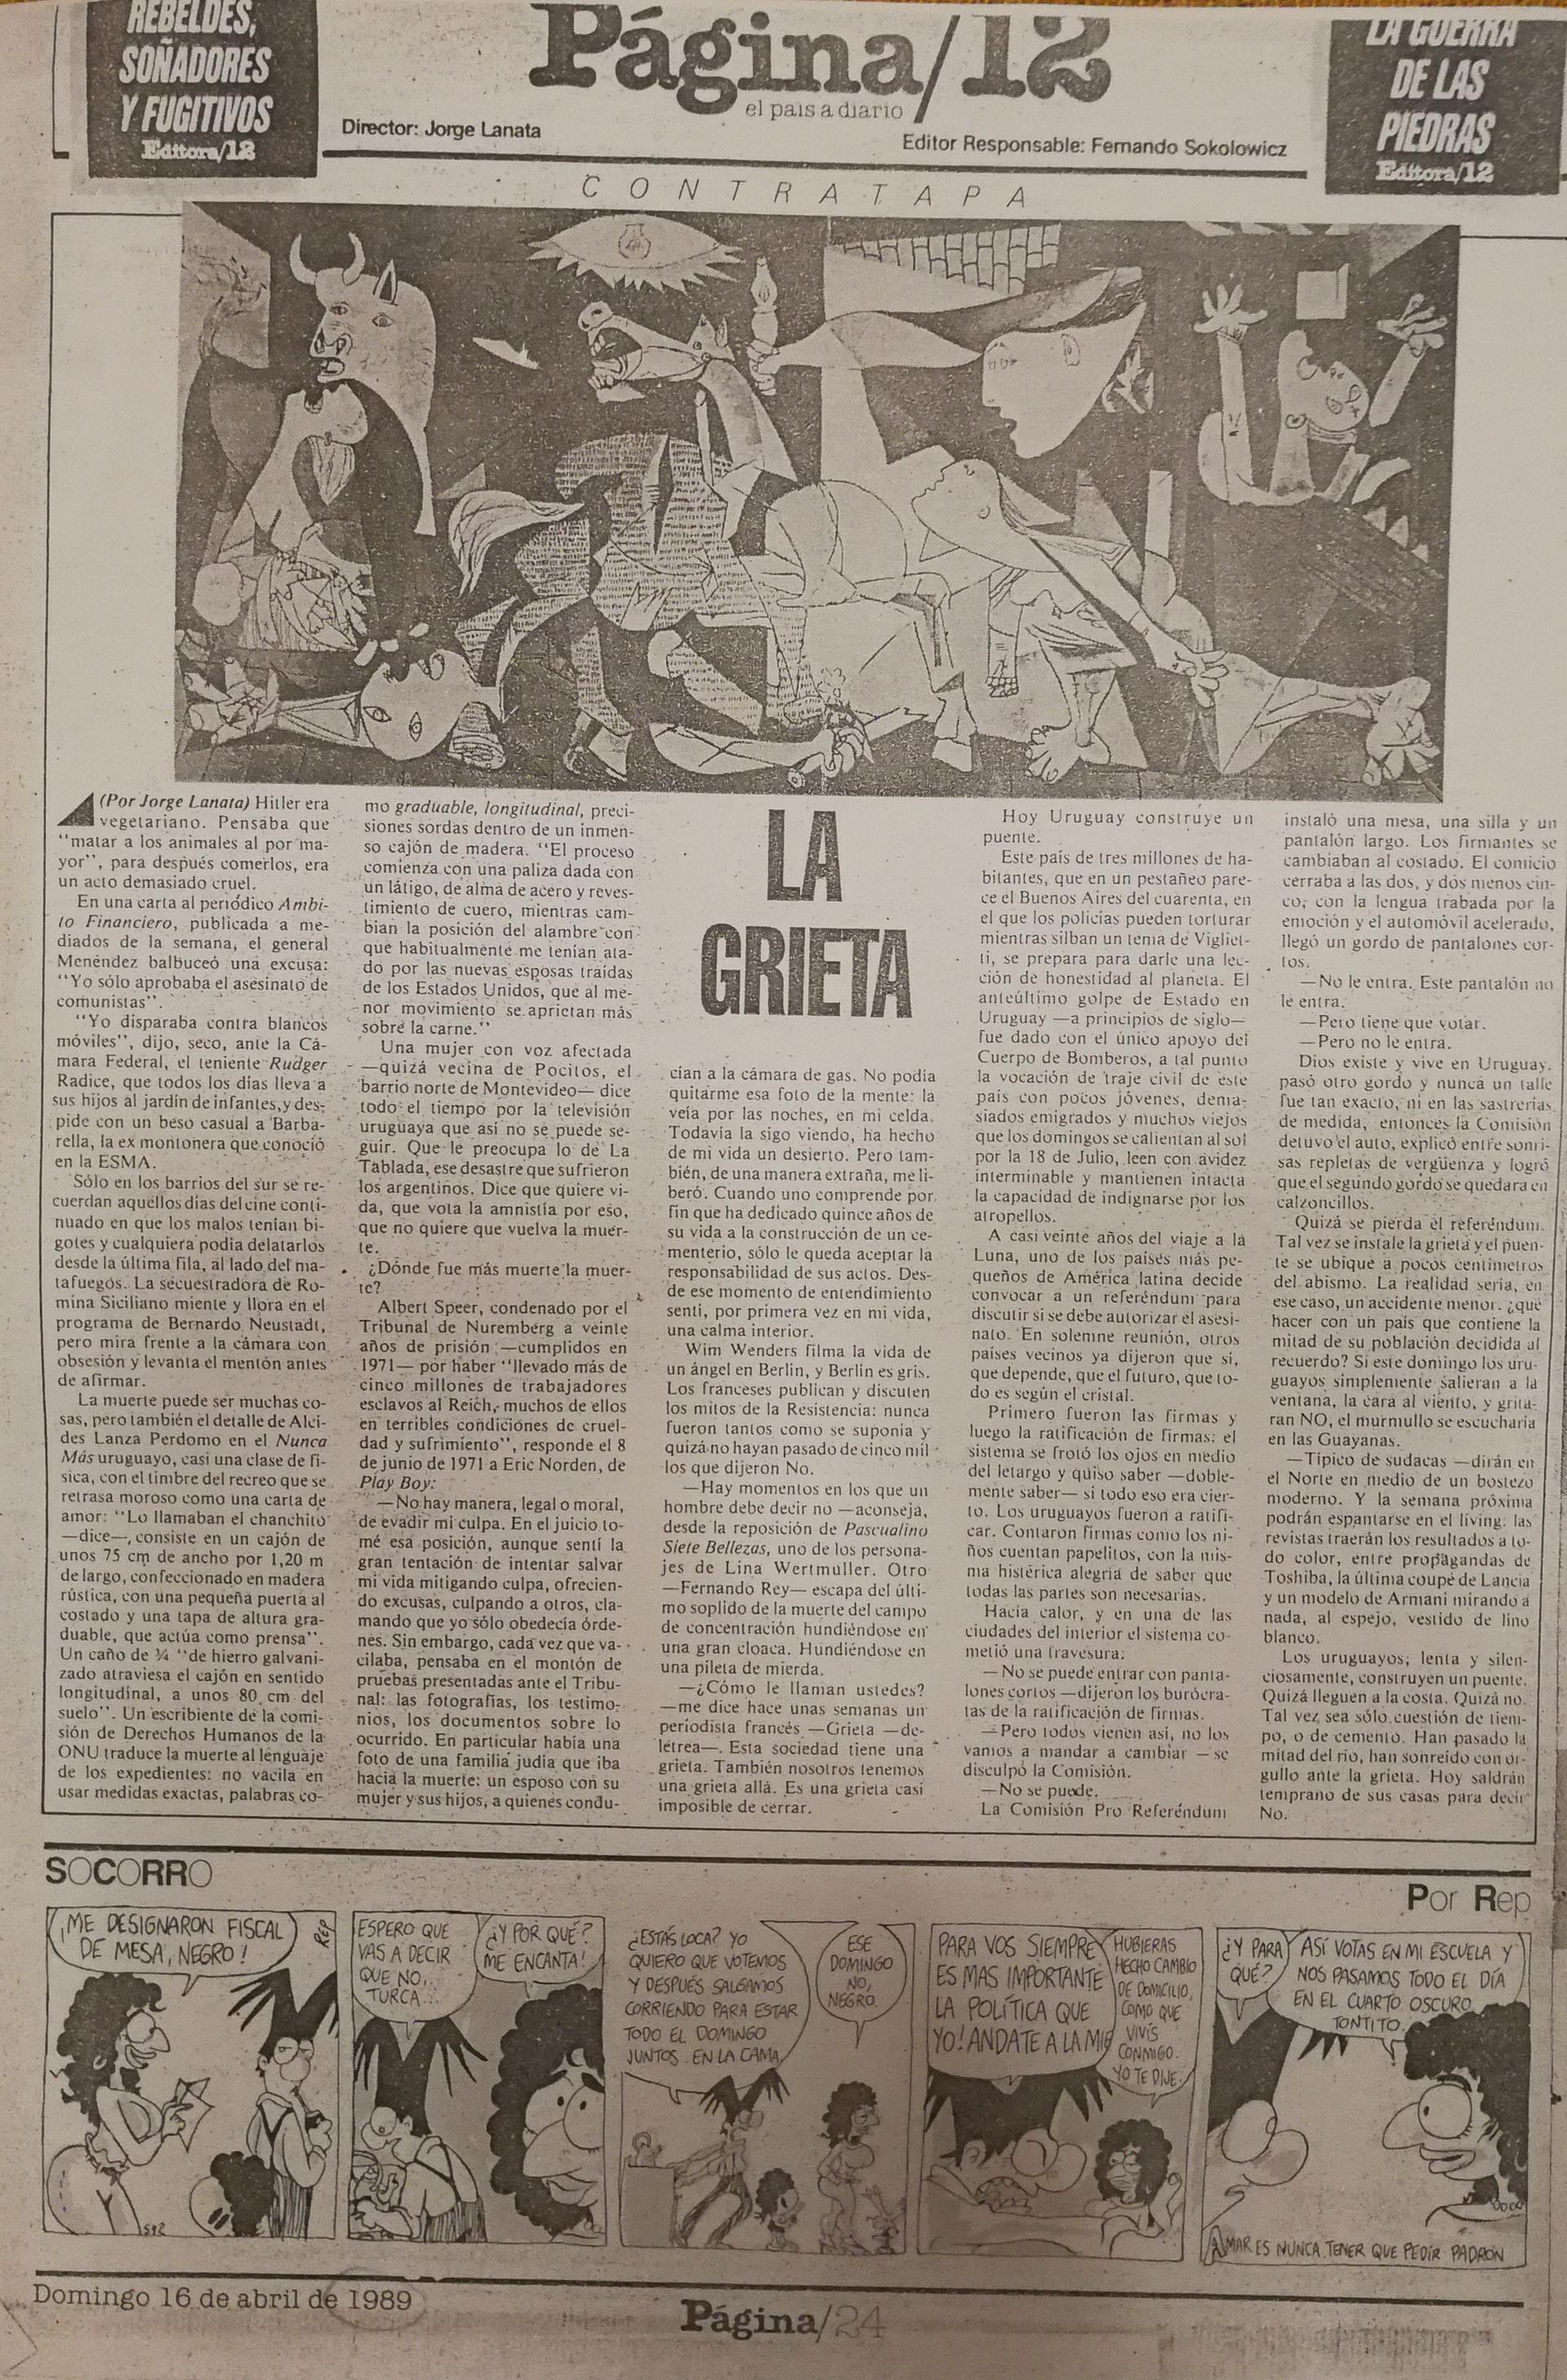 """Contratapa en la que Lanata """"inventó"""" la grieta, muchos años atrás"""